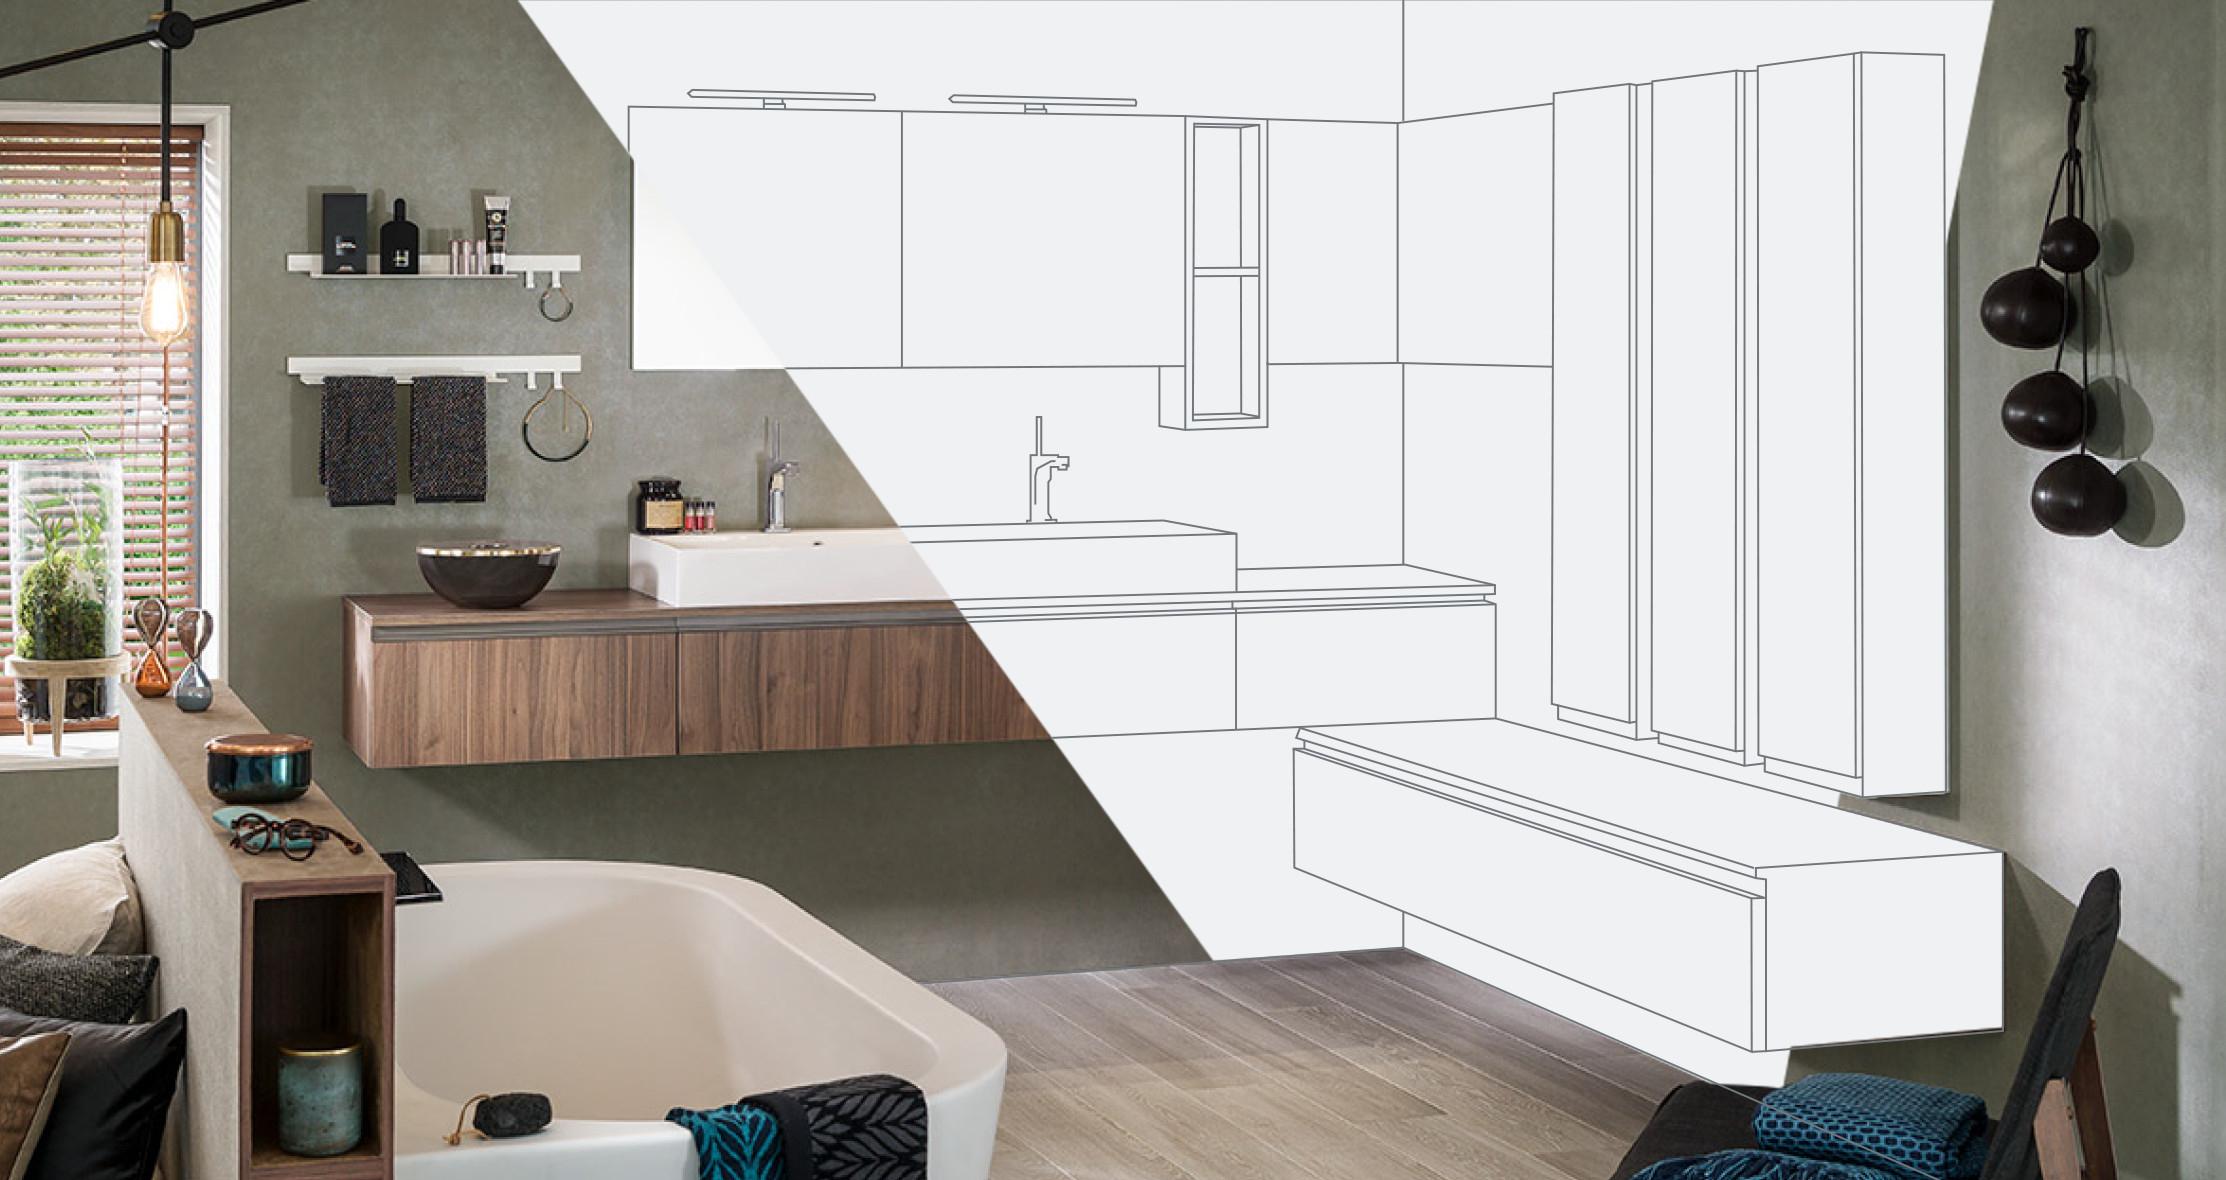 Configurateur 3D : Concevoir Sa Salle De Bain En Ligne ... tout Modele Carrelage Salle De Bain